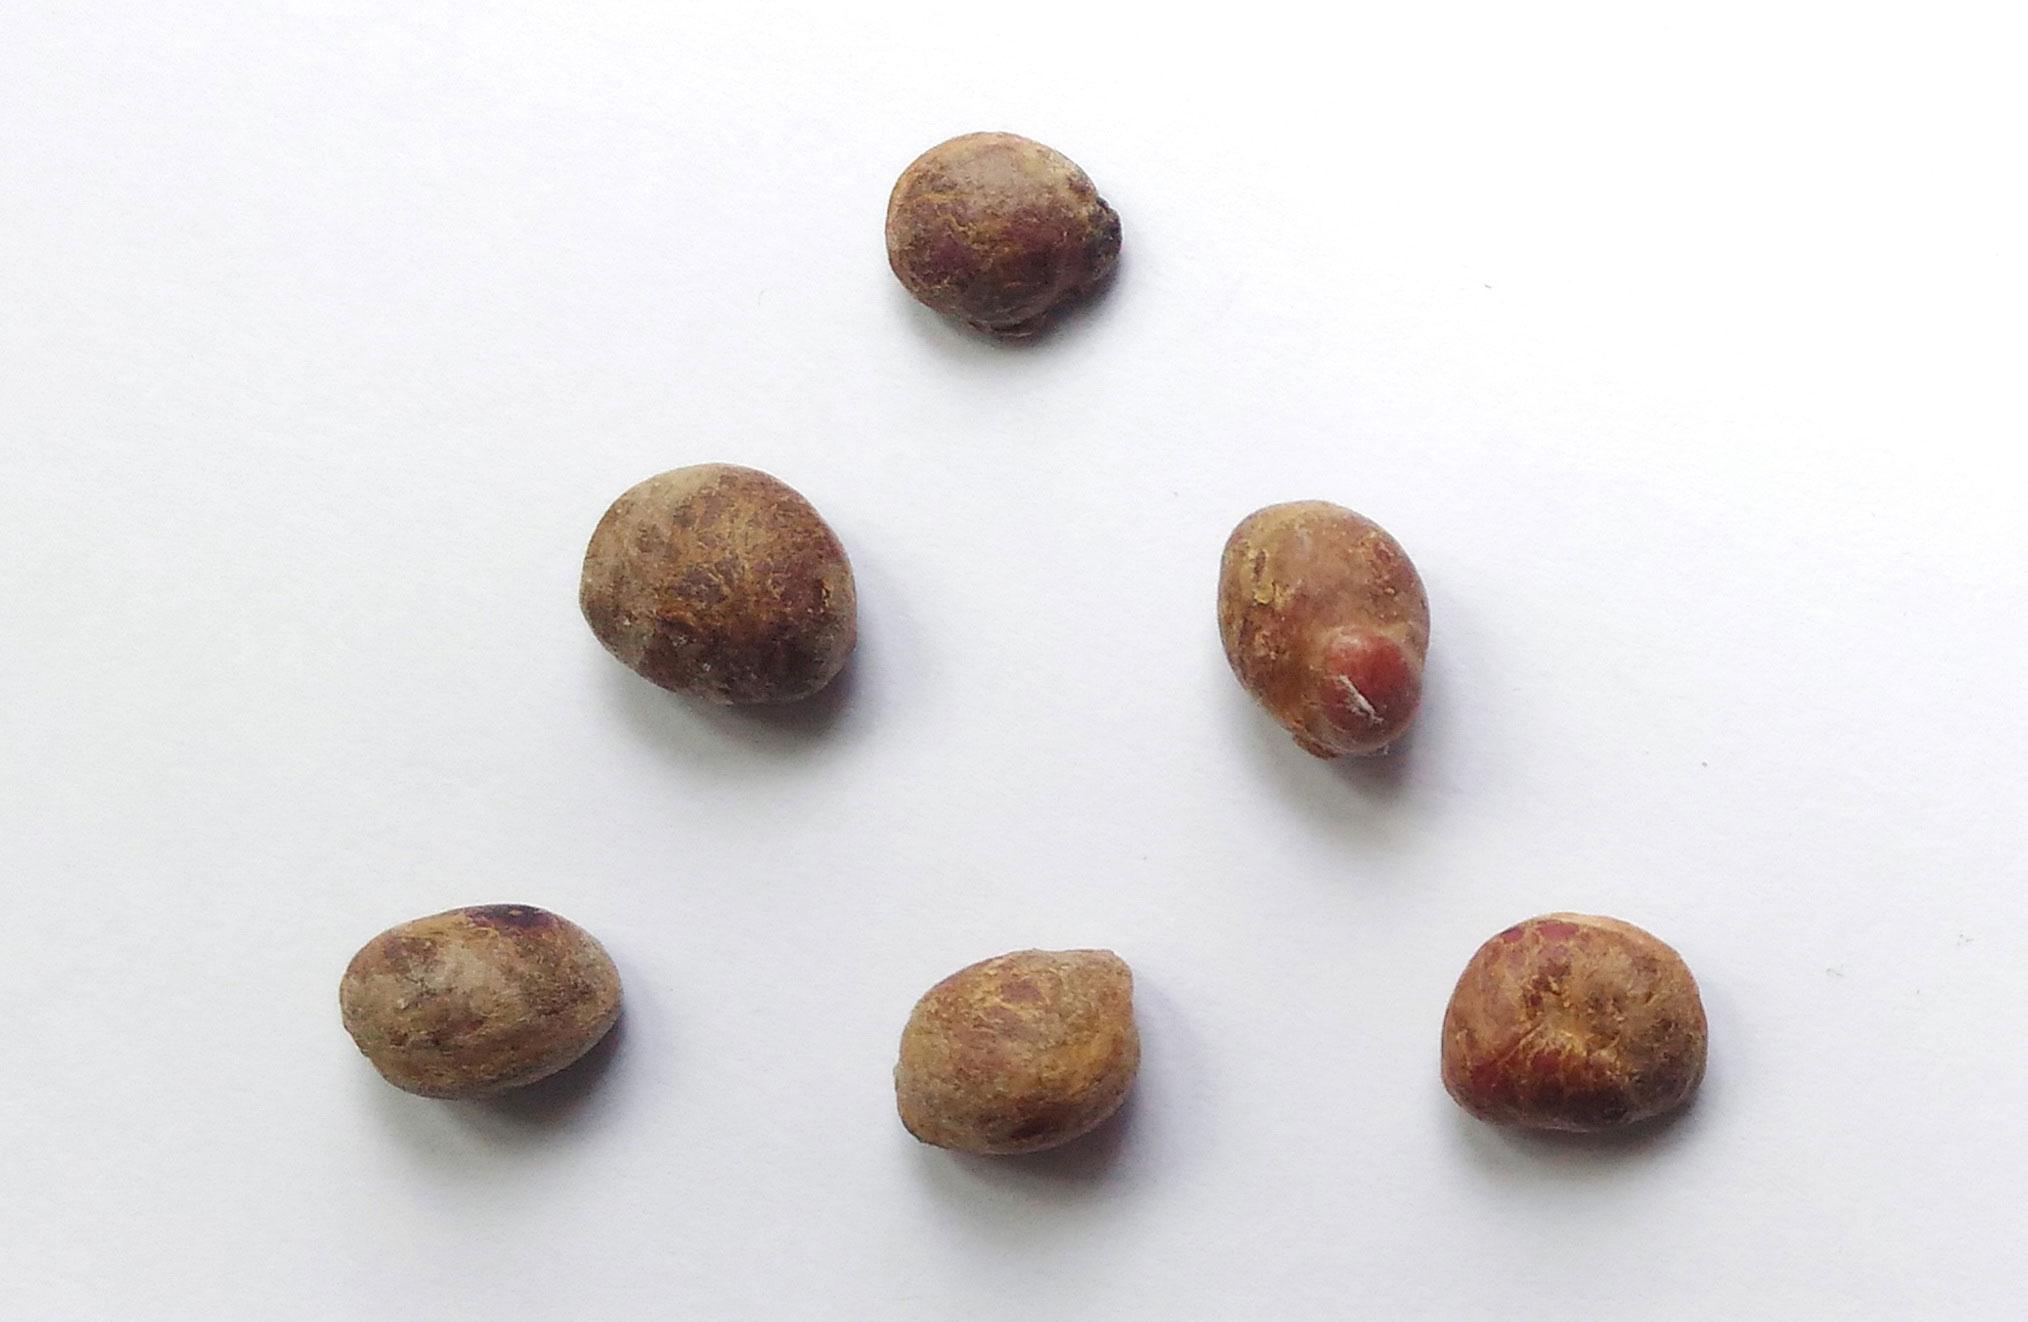 Seeds-of-Jaboticaba